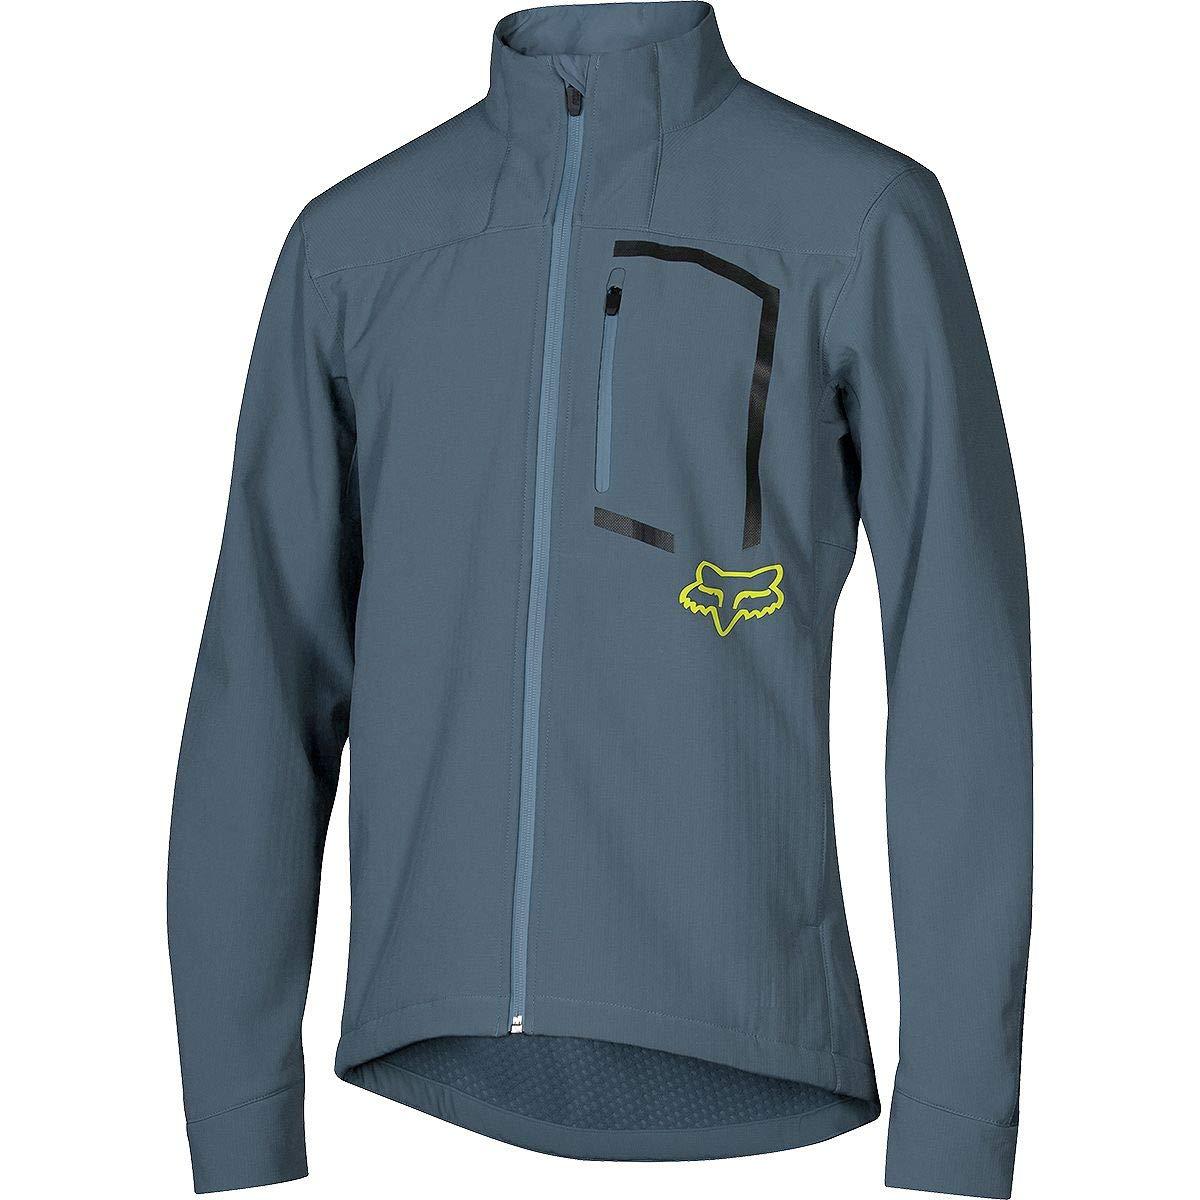 数量は多い  [フォックスレーシング] メンズ サイクリング Jacket Attack B07P547B2S Fire Softshell Jacket [並行輸入品] L L B07P547B2S, チクシノシ:607531db --- gfarquitetura.com